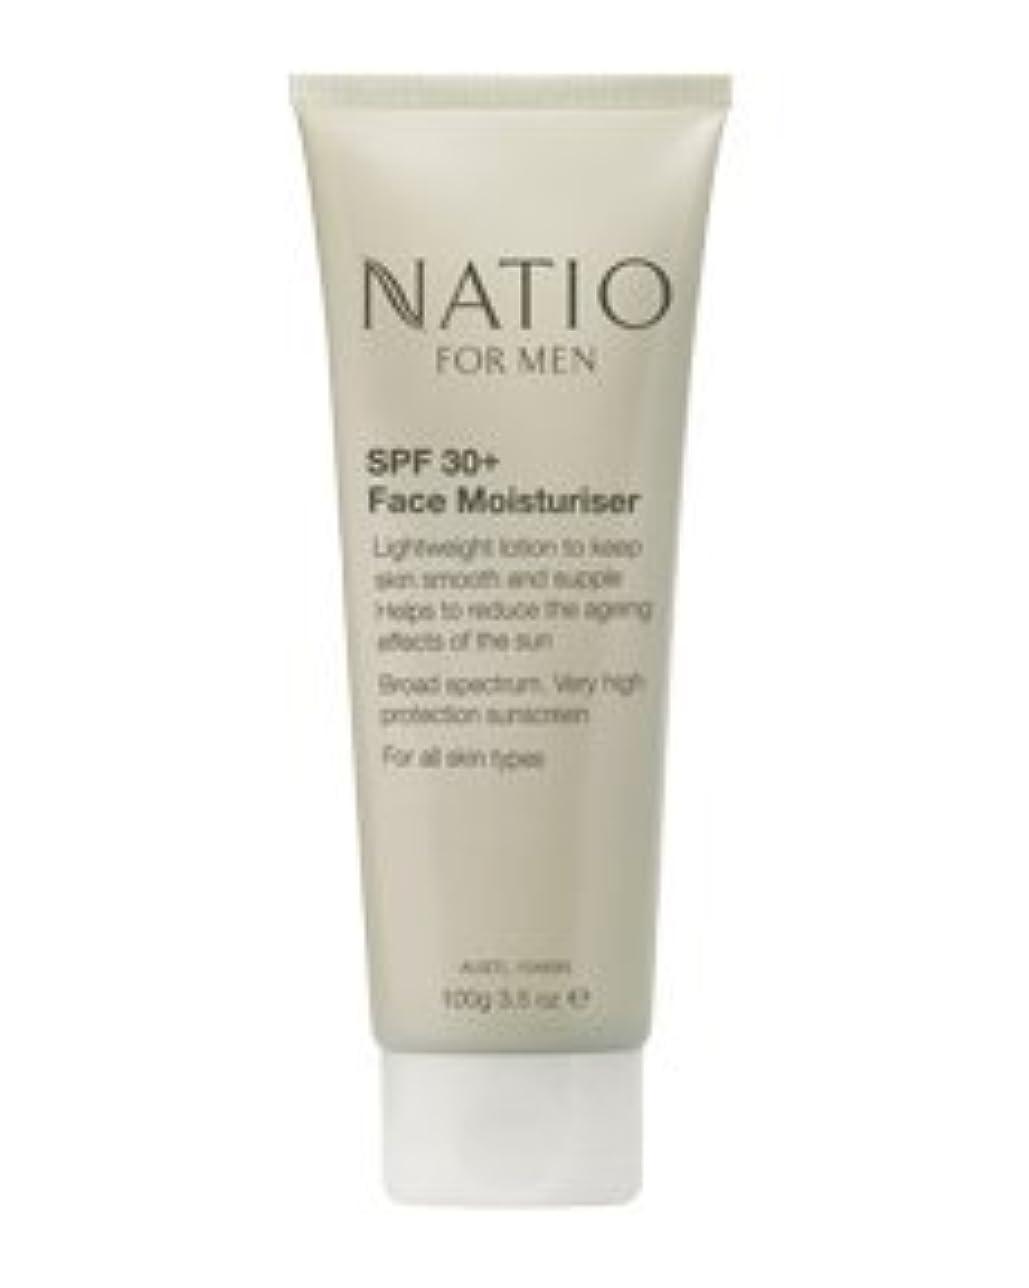 パキスタン人形成敏感な【NATIO FOR MEN SPF 30+ Face Moisturiser】 ナティオ  SPF 30+ フェイス モイスチャライザー [海外直送品]